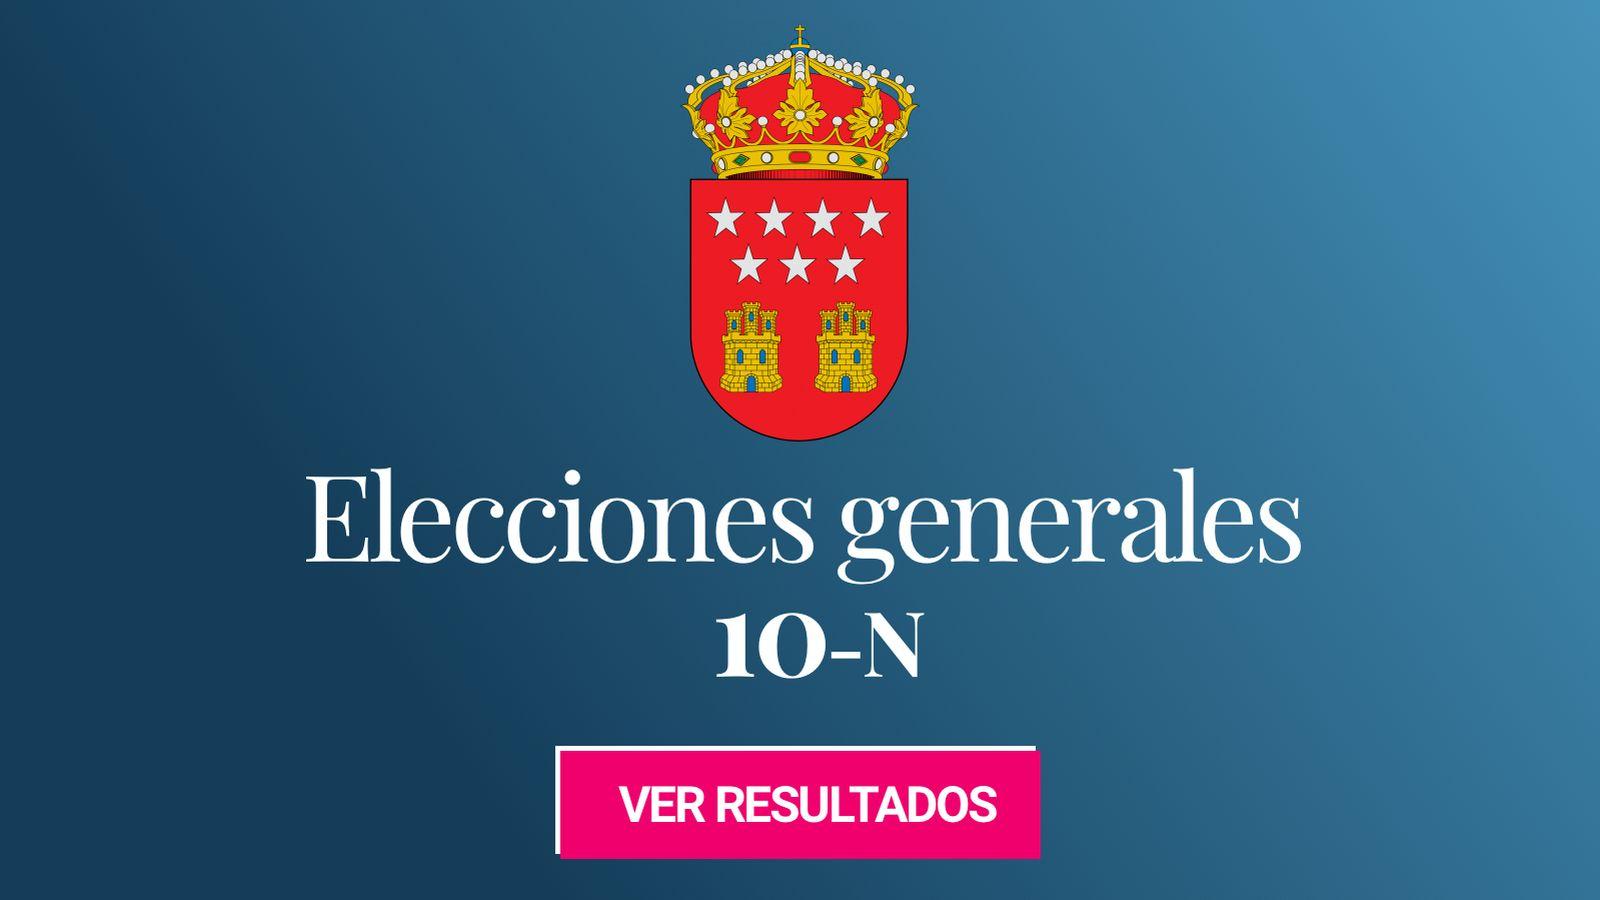 Foto: Elecciones generales 2019 en la provincia de Madrid. (C.C./SanchoPanzaXXI)